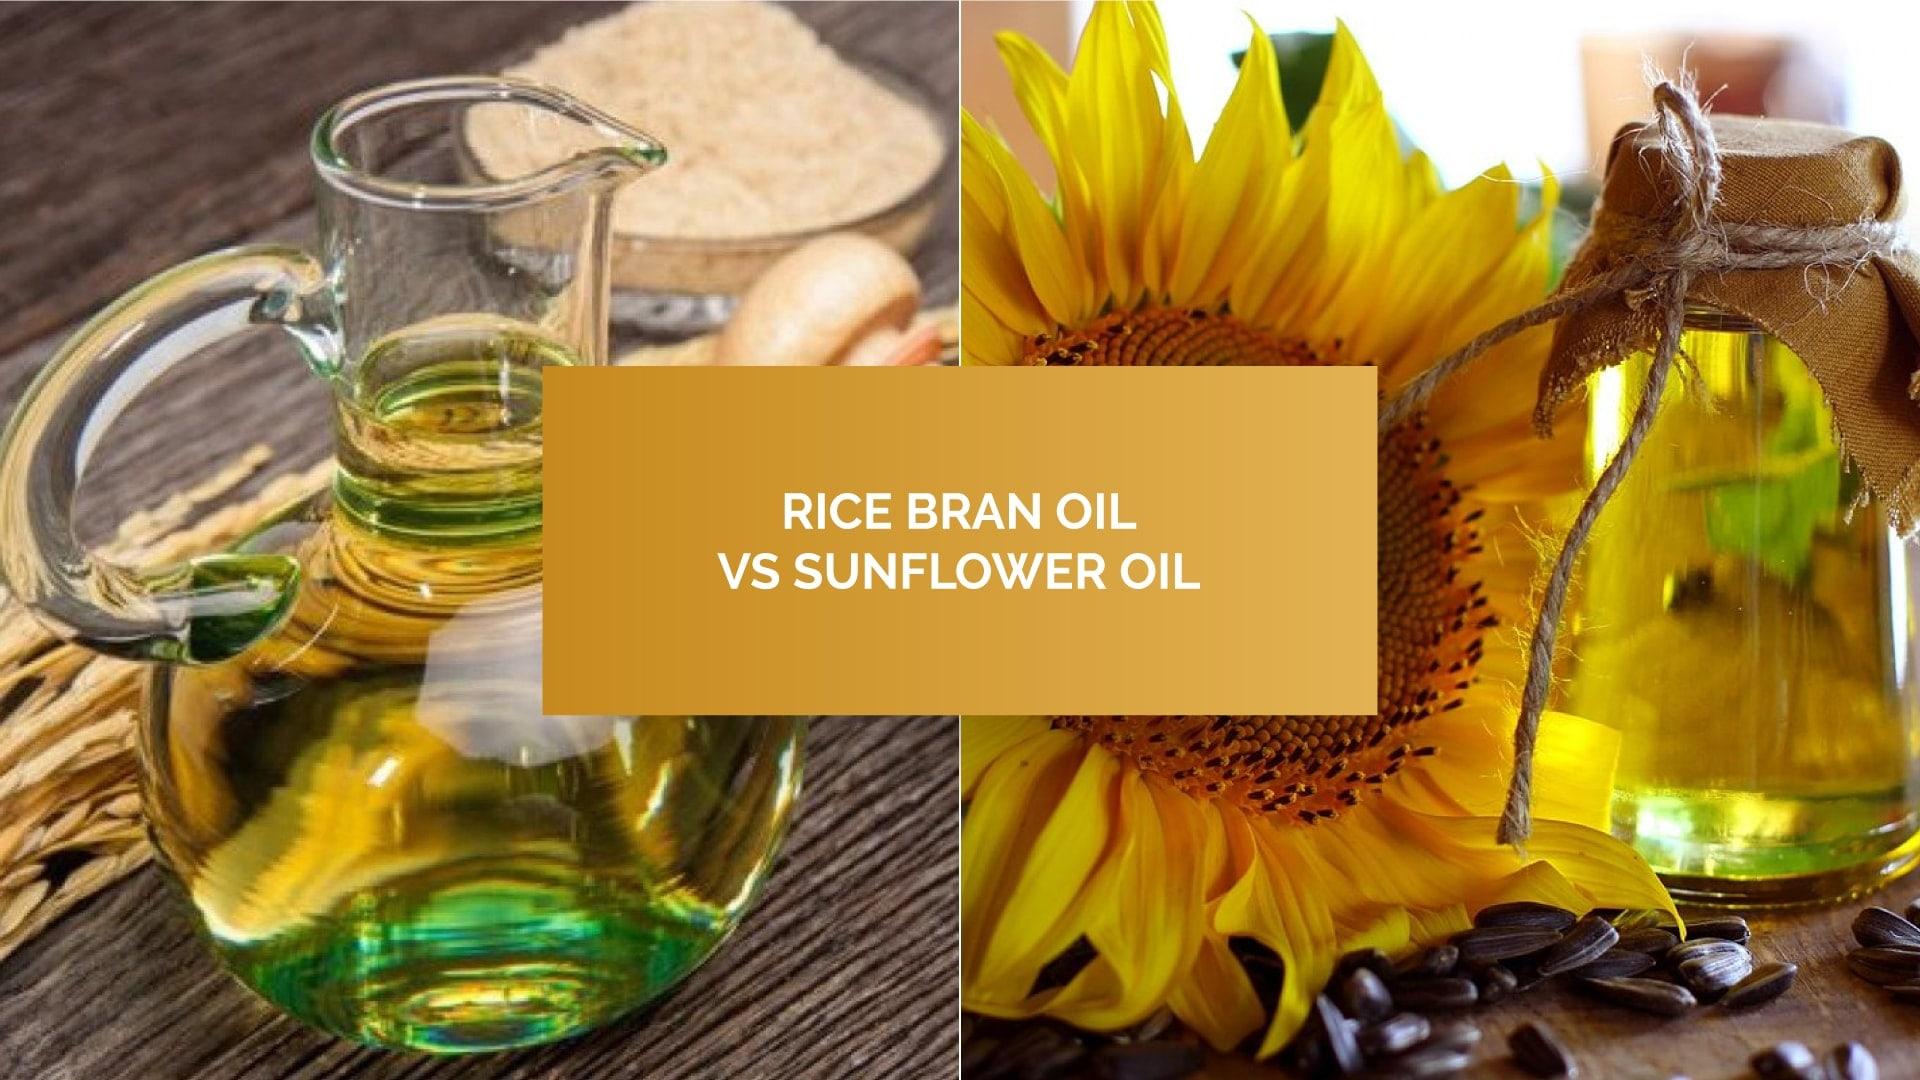 Rice Bran Oil VS Sunflower Oil